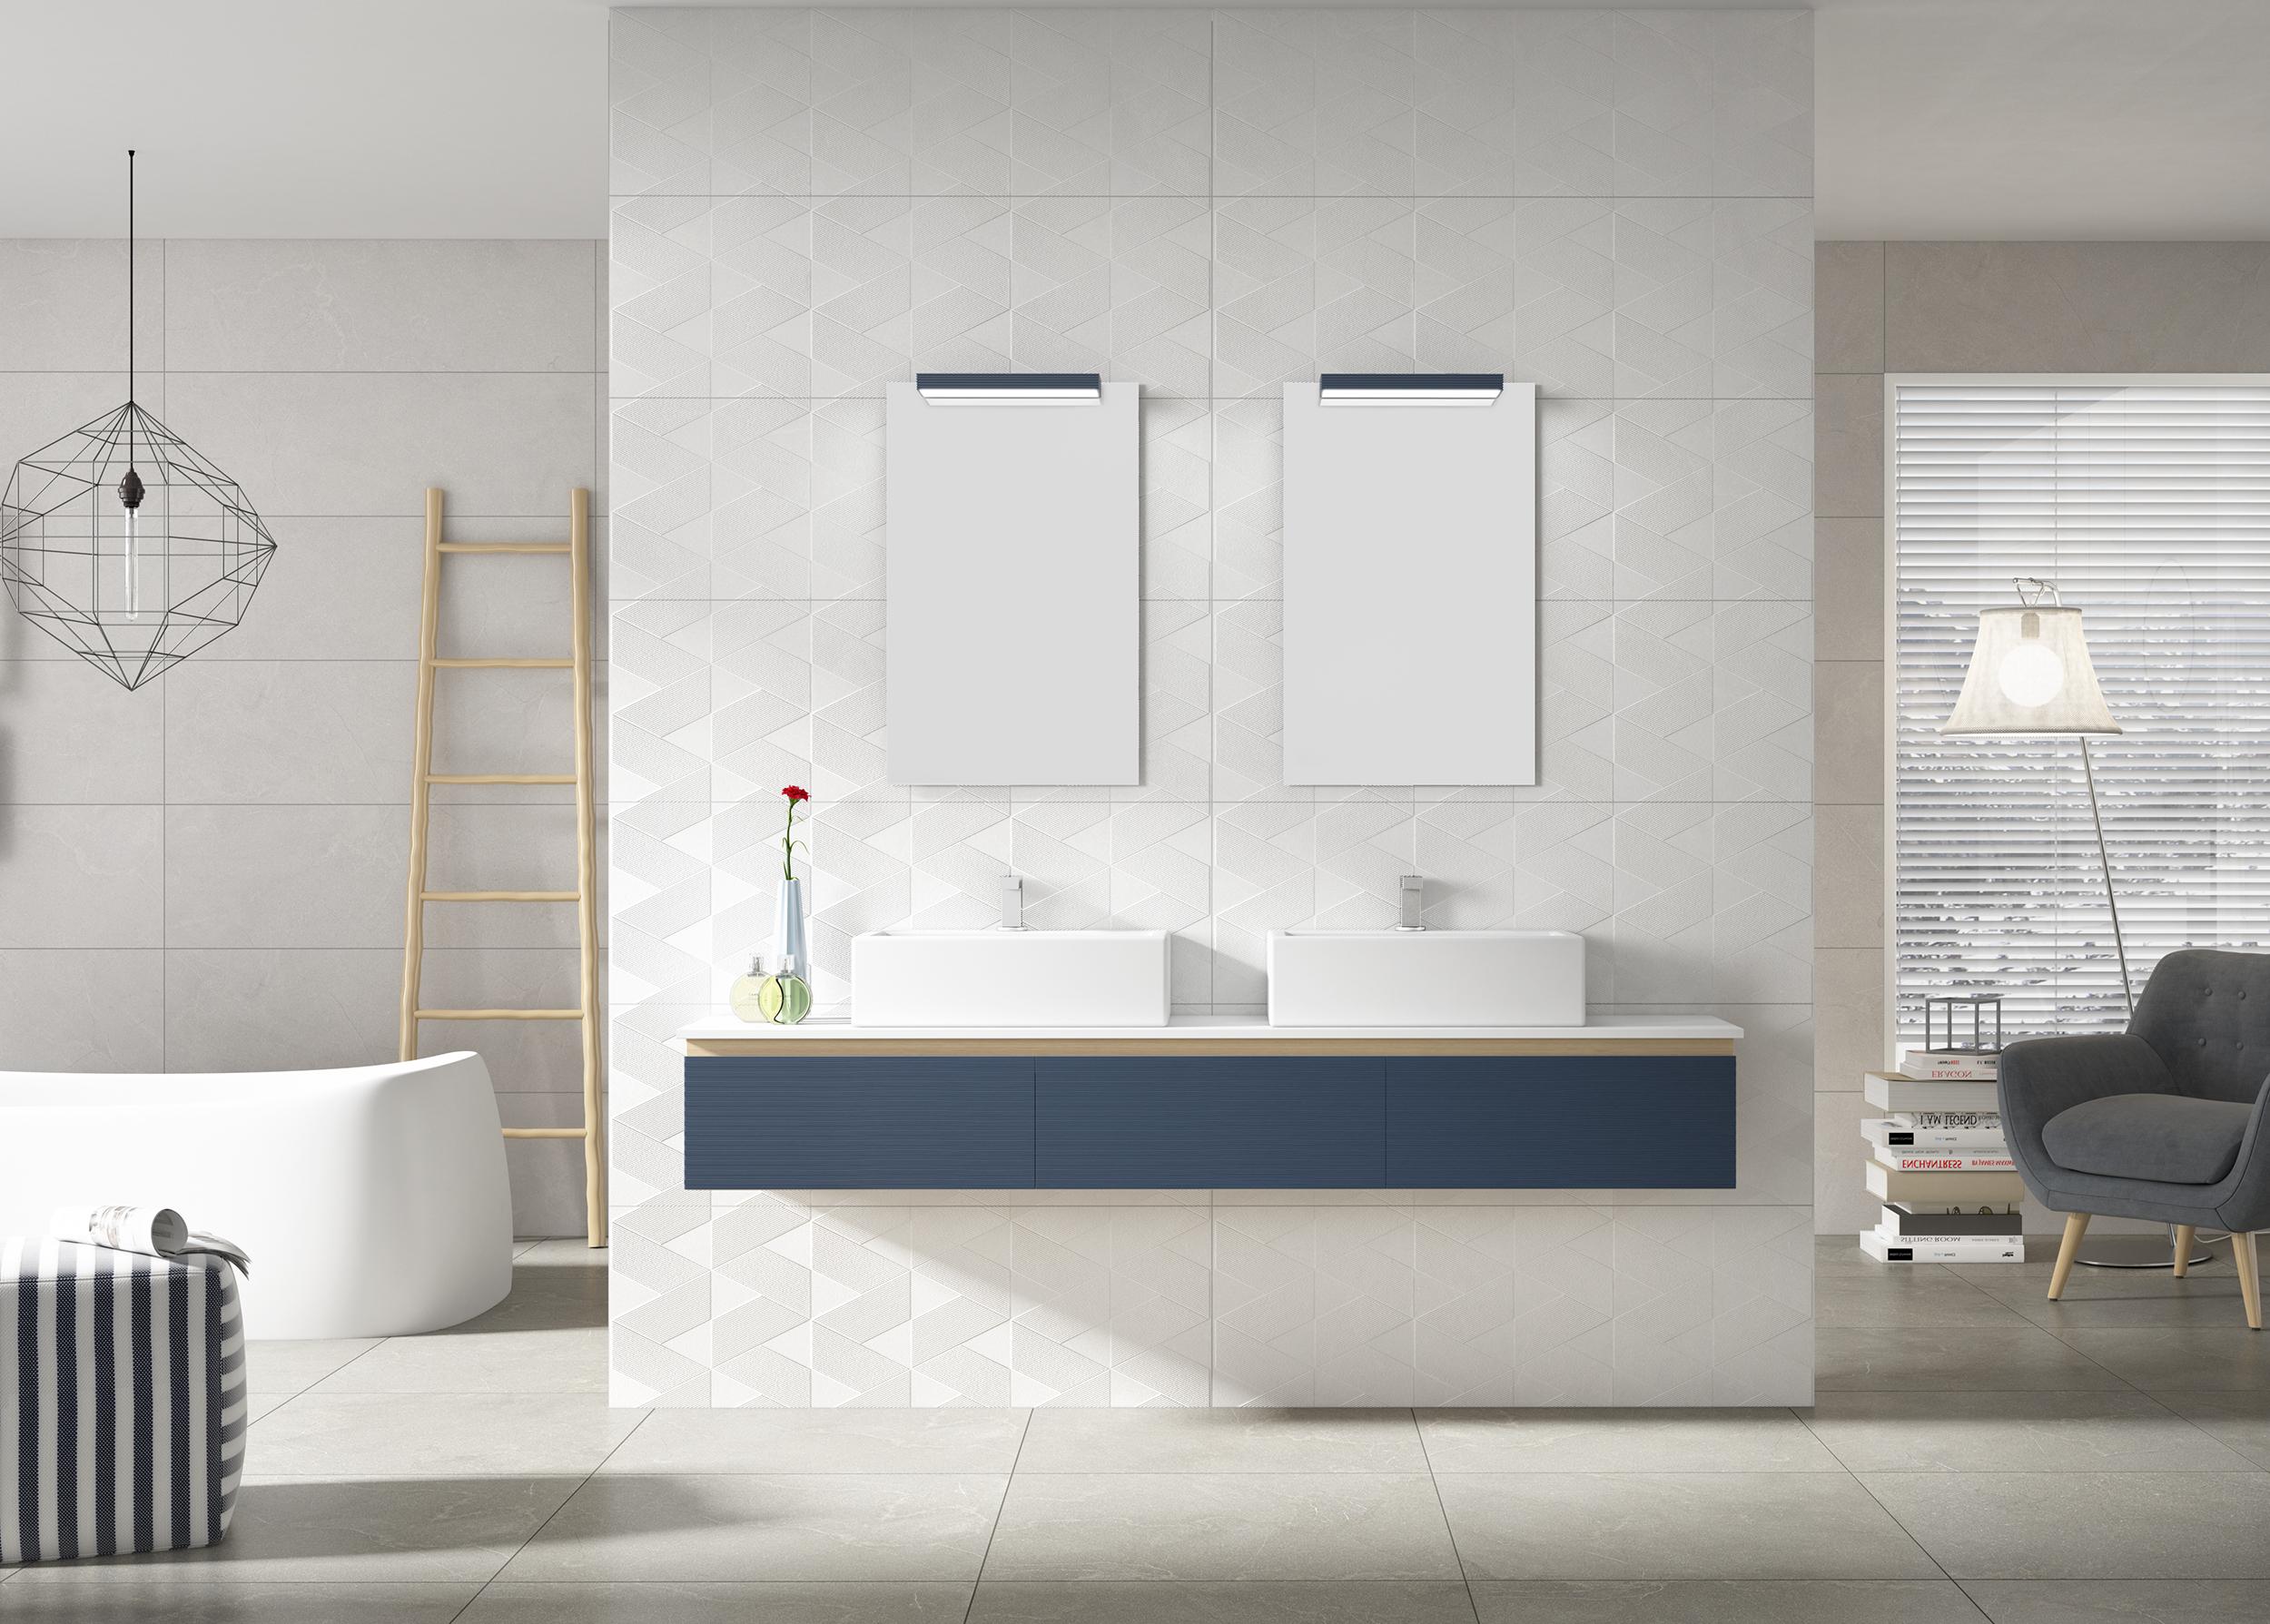 El blanco es un color limpio, es el color de la luz.  El color blanco no pasa de moda. Por eso, la decoración con azulejos, muebles, sanitarios y accesorios en blanco siempre es una buena opción a tener en cuenta.  Como hemos dicho, el blanco es el color de la luz y la pureza. Es una magnífica opción para espacios pequeños, para ambientes minimalistas y para potenciar la sensación de limpieza de un espacio.